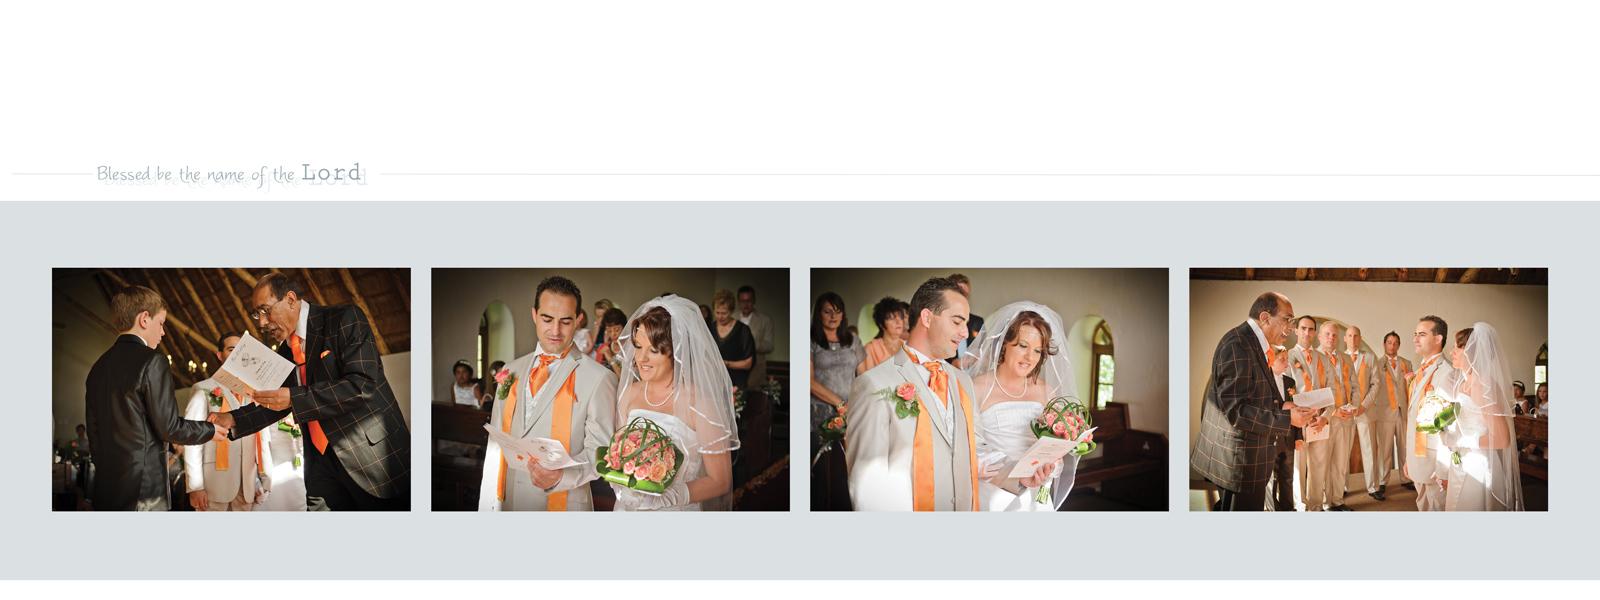 Nathalie Boucry Photography | Charlene and Craig Wedding Album 016